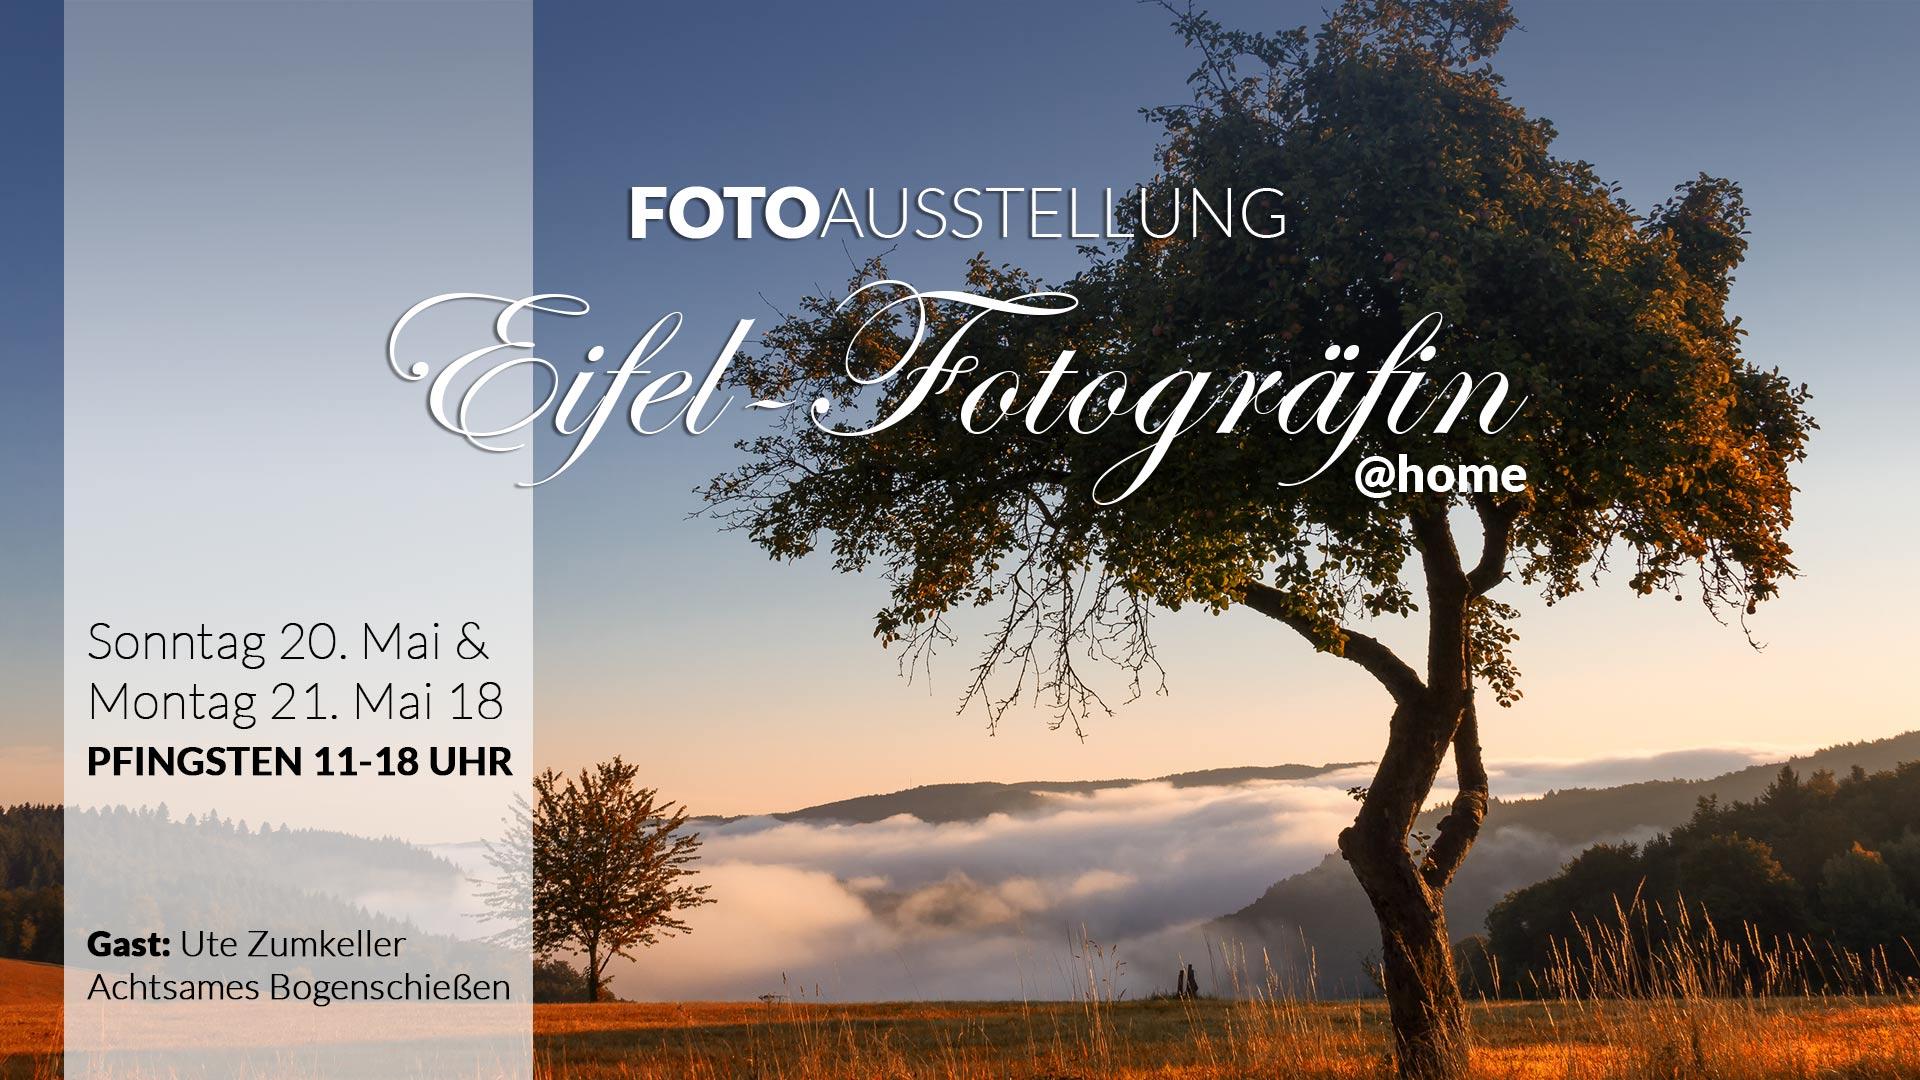 Fotoausstellung Pfingsten Eifel-Fotogräfin@home